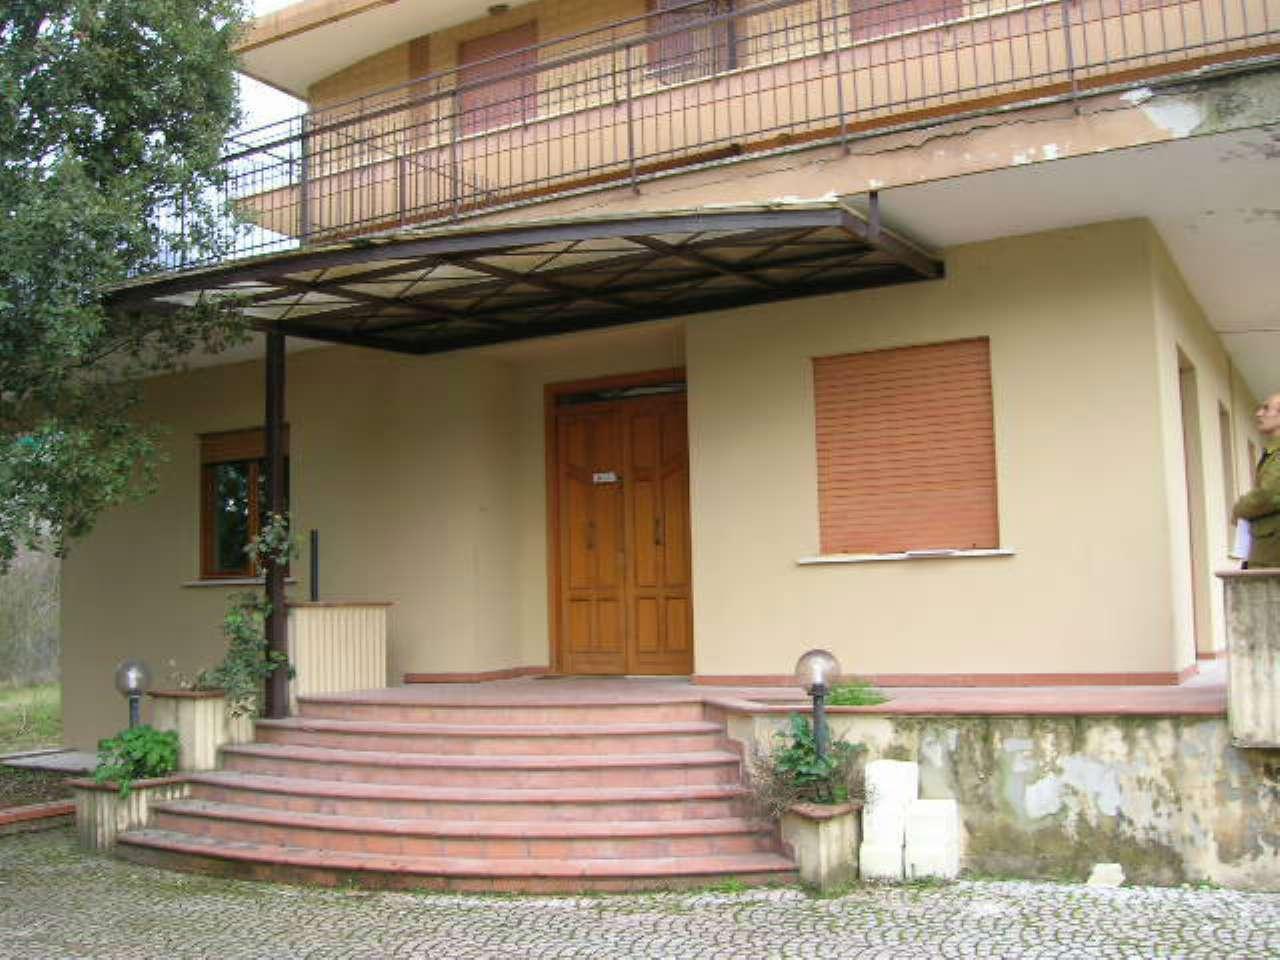 Appartamento in vendita a Morolo, 5 locali, prezzo € 55.000 | CambioCasa.it